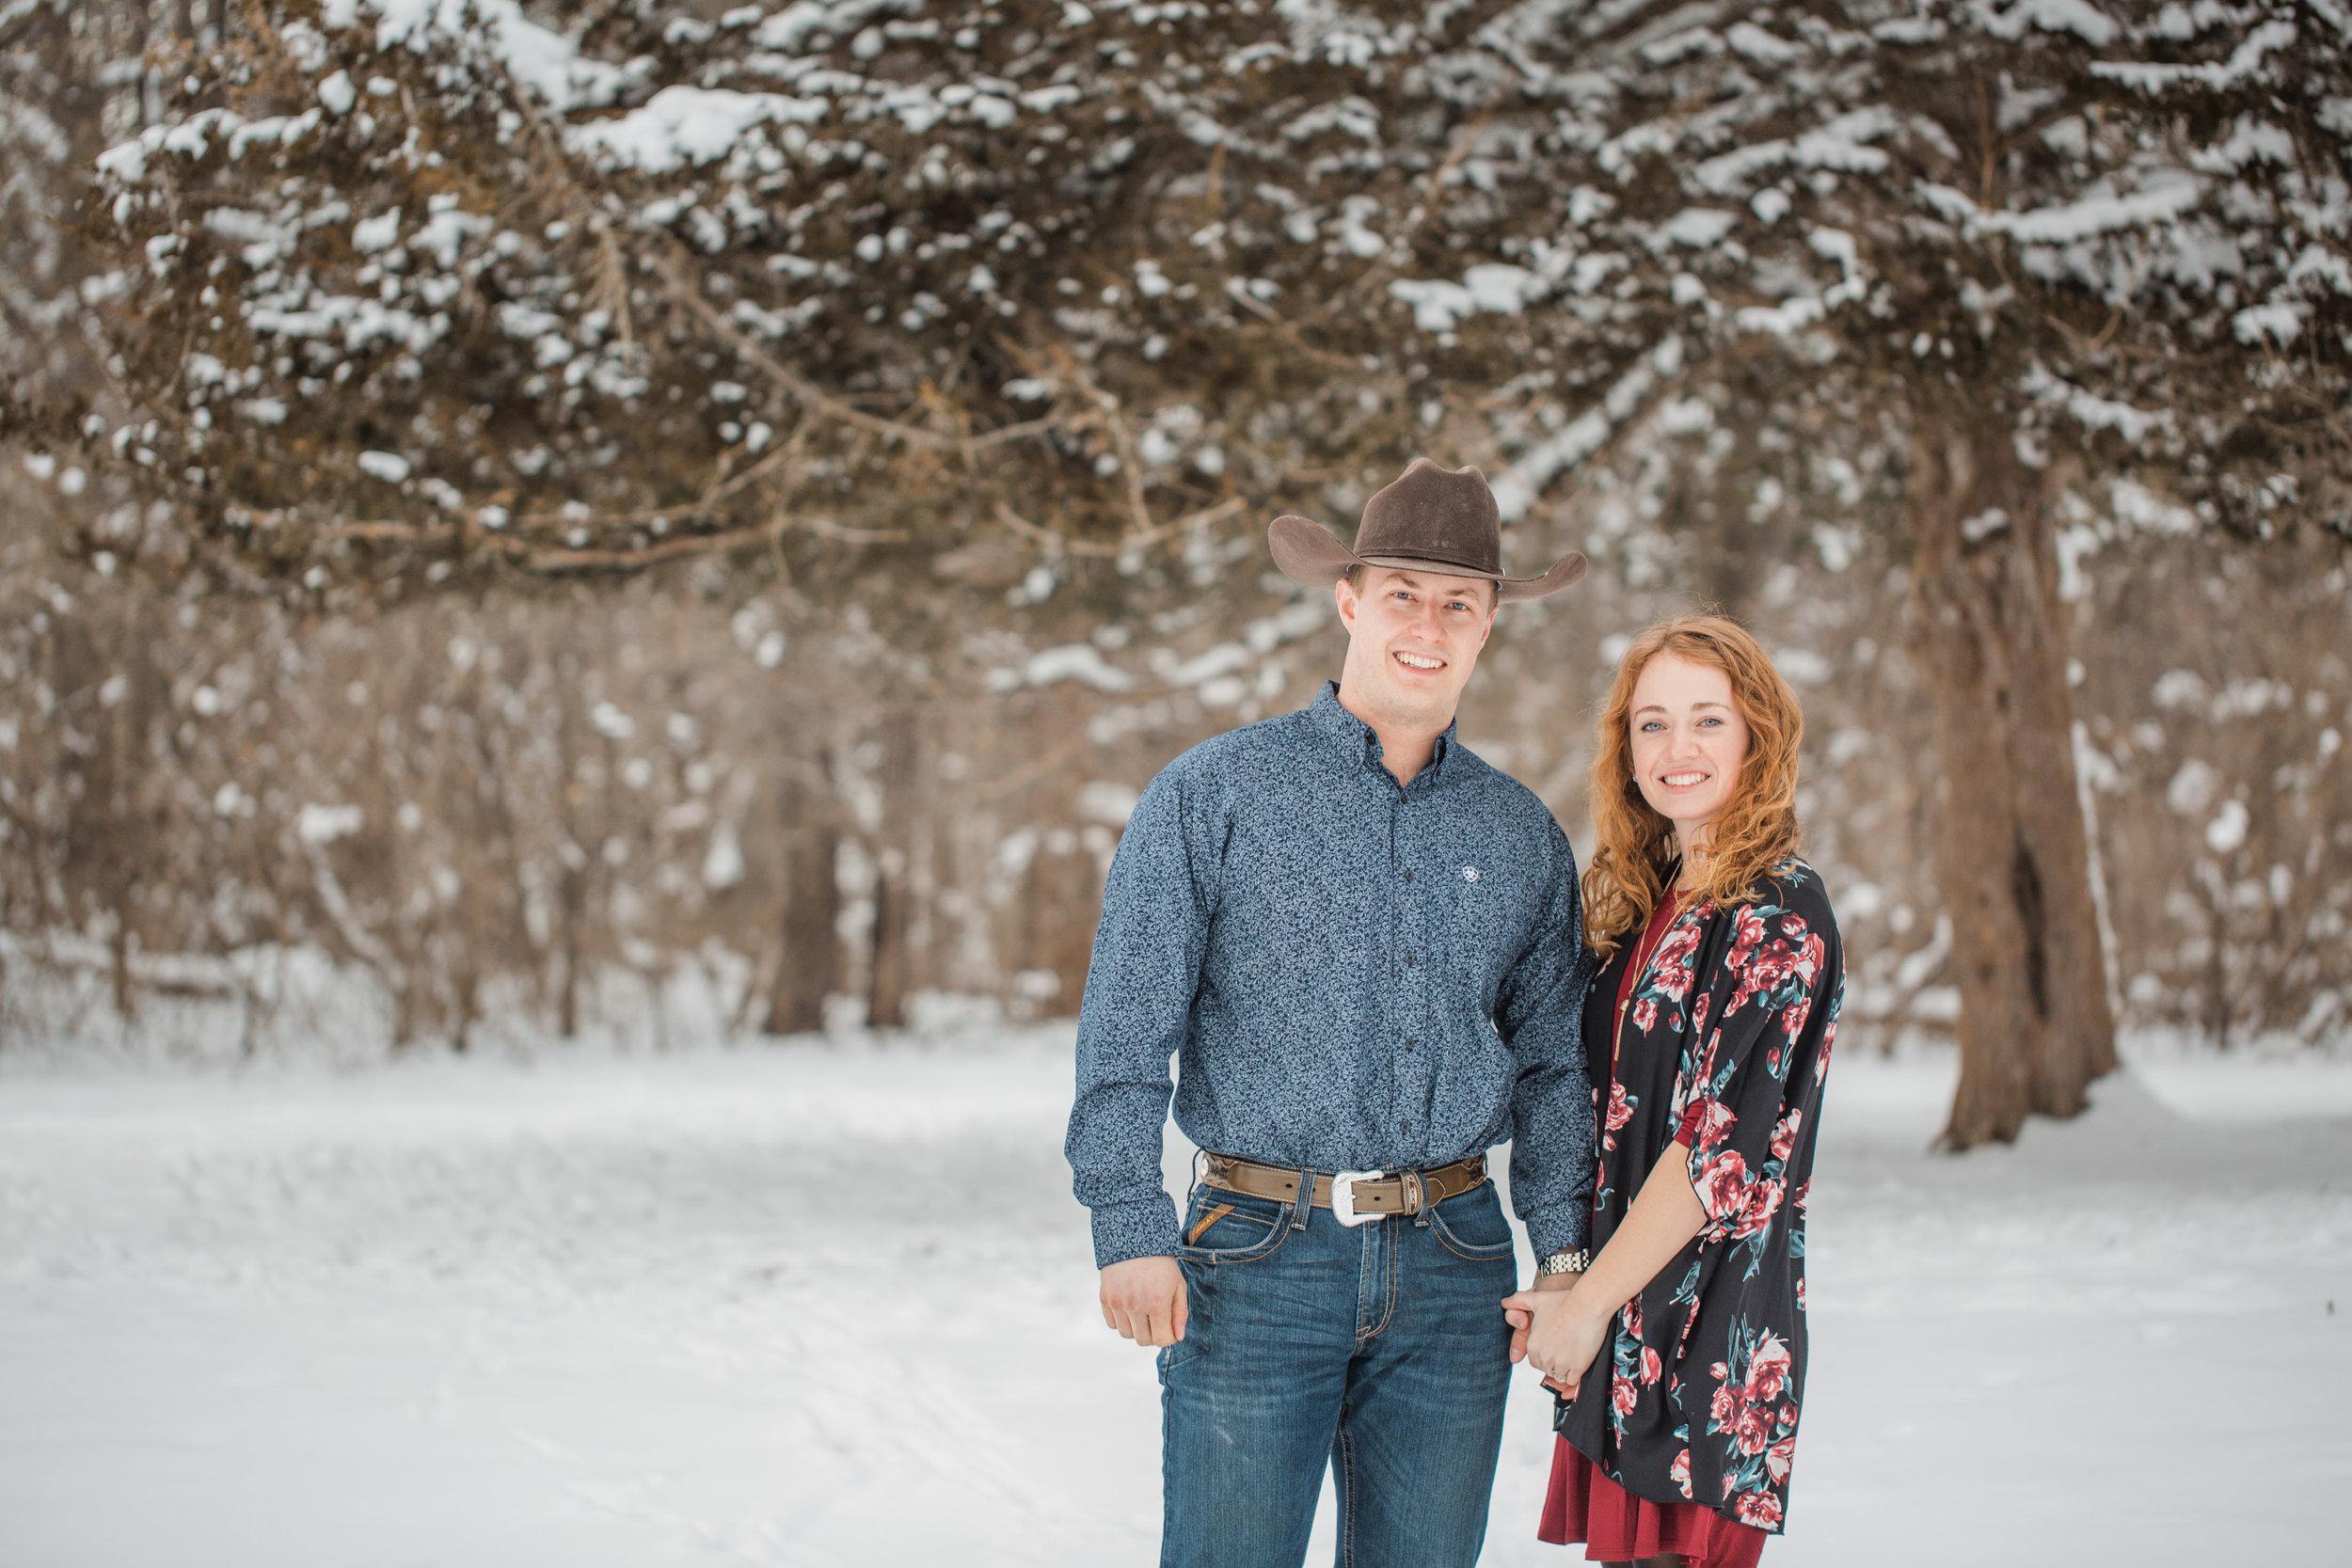 winter farm engagement photos snow des moines iowa Ames